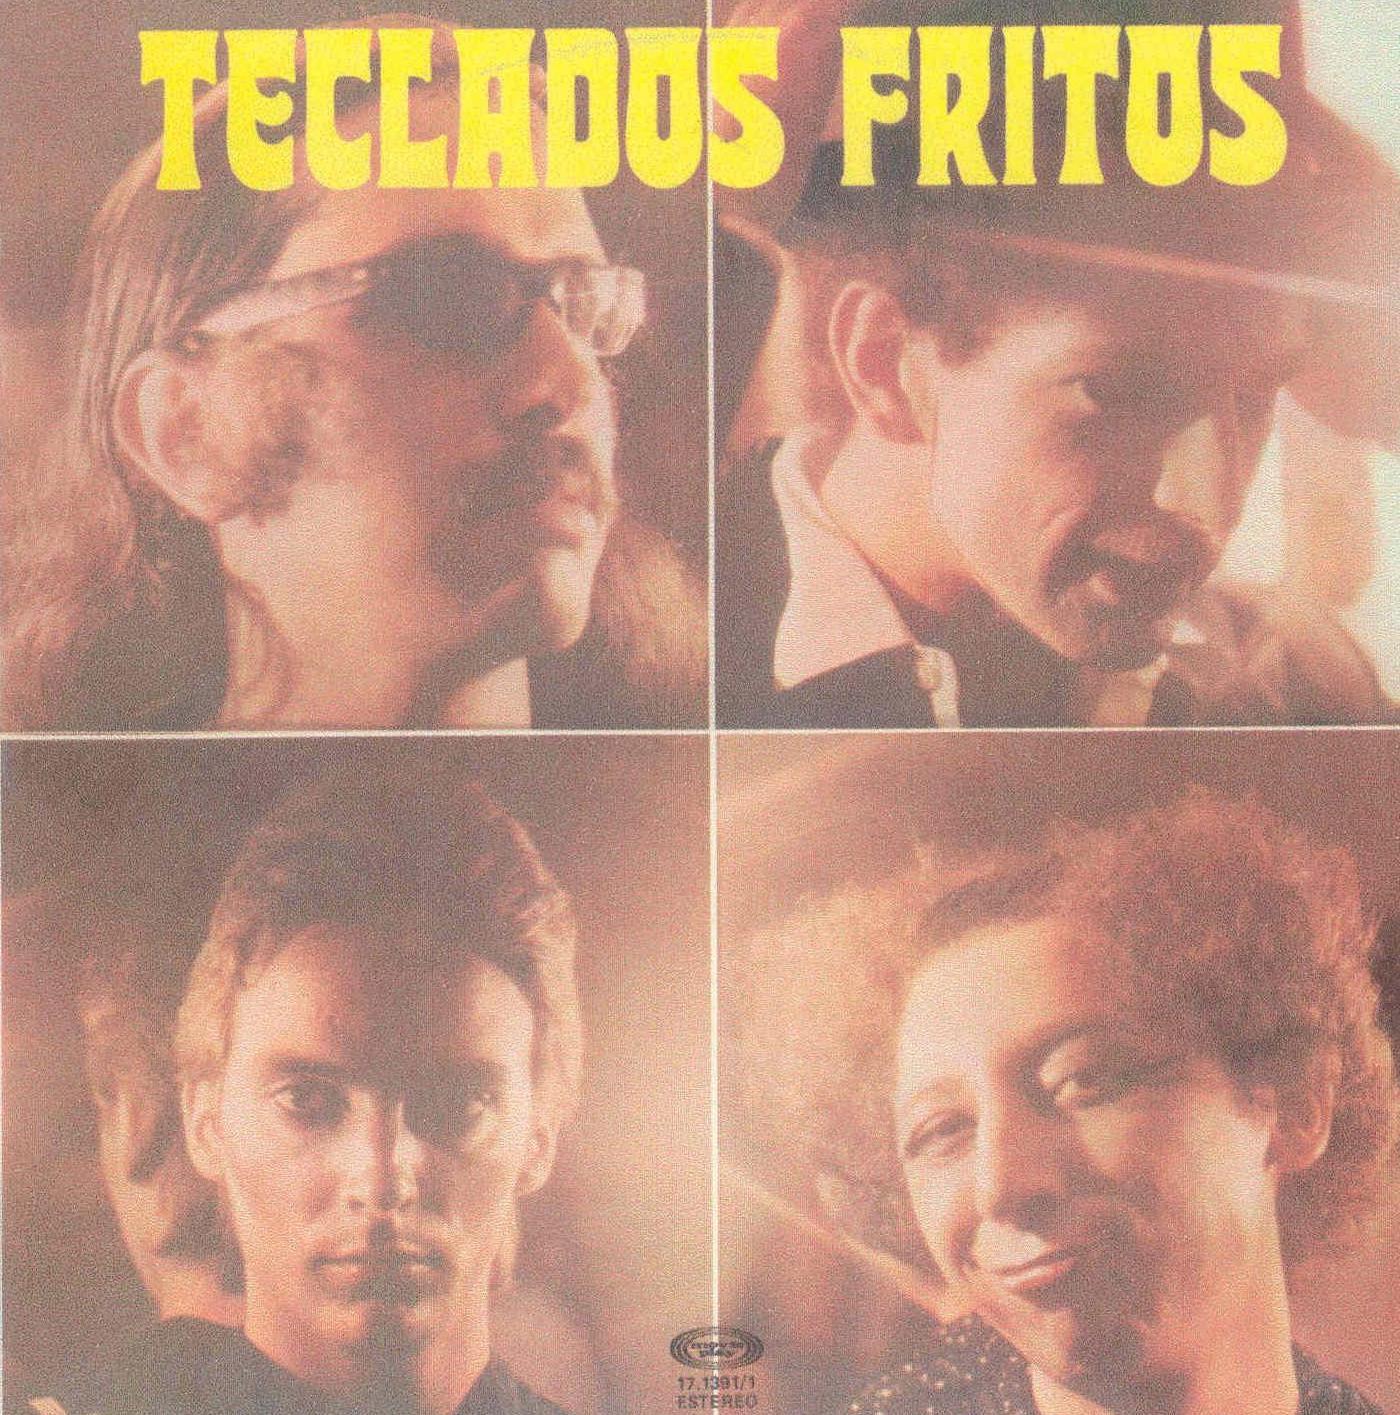 portada del album Teclados Fritos